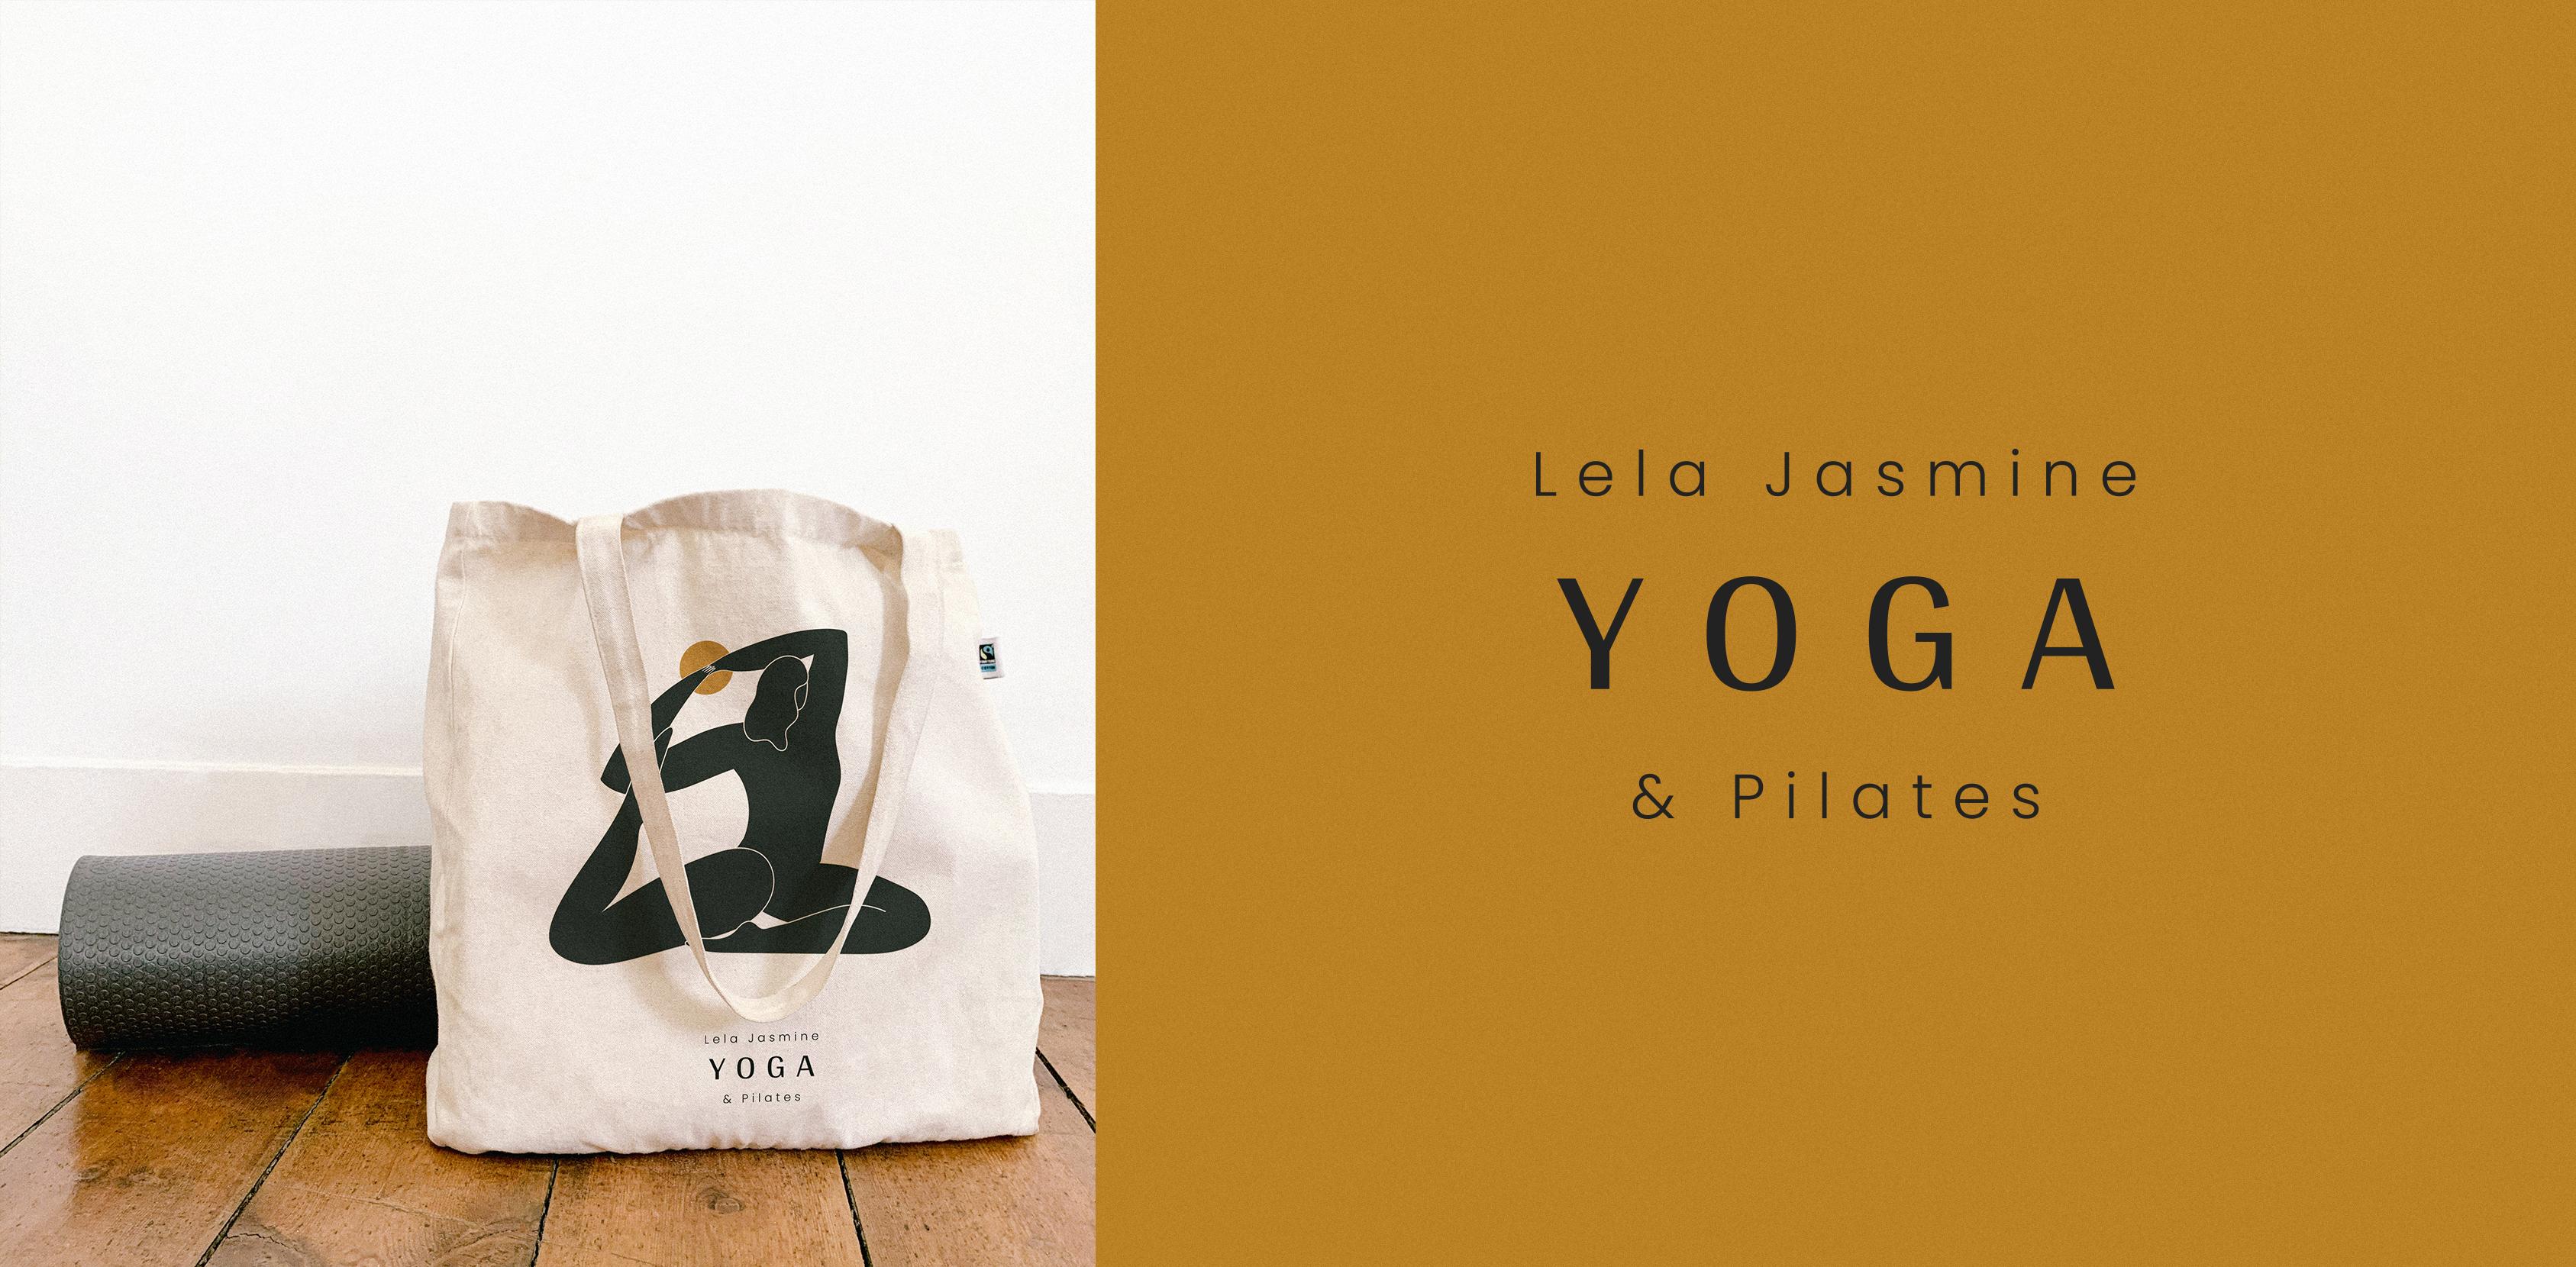 Branding for a yoga & pilates teacher